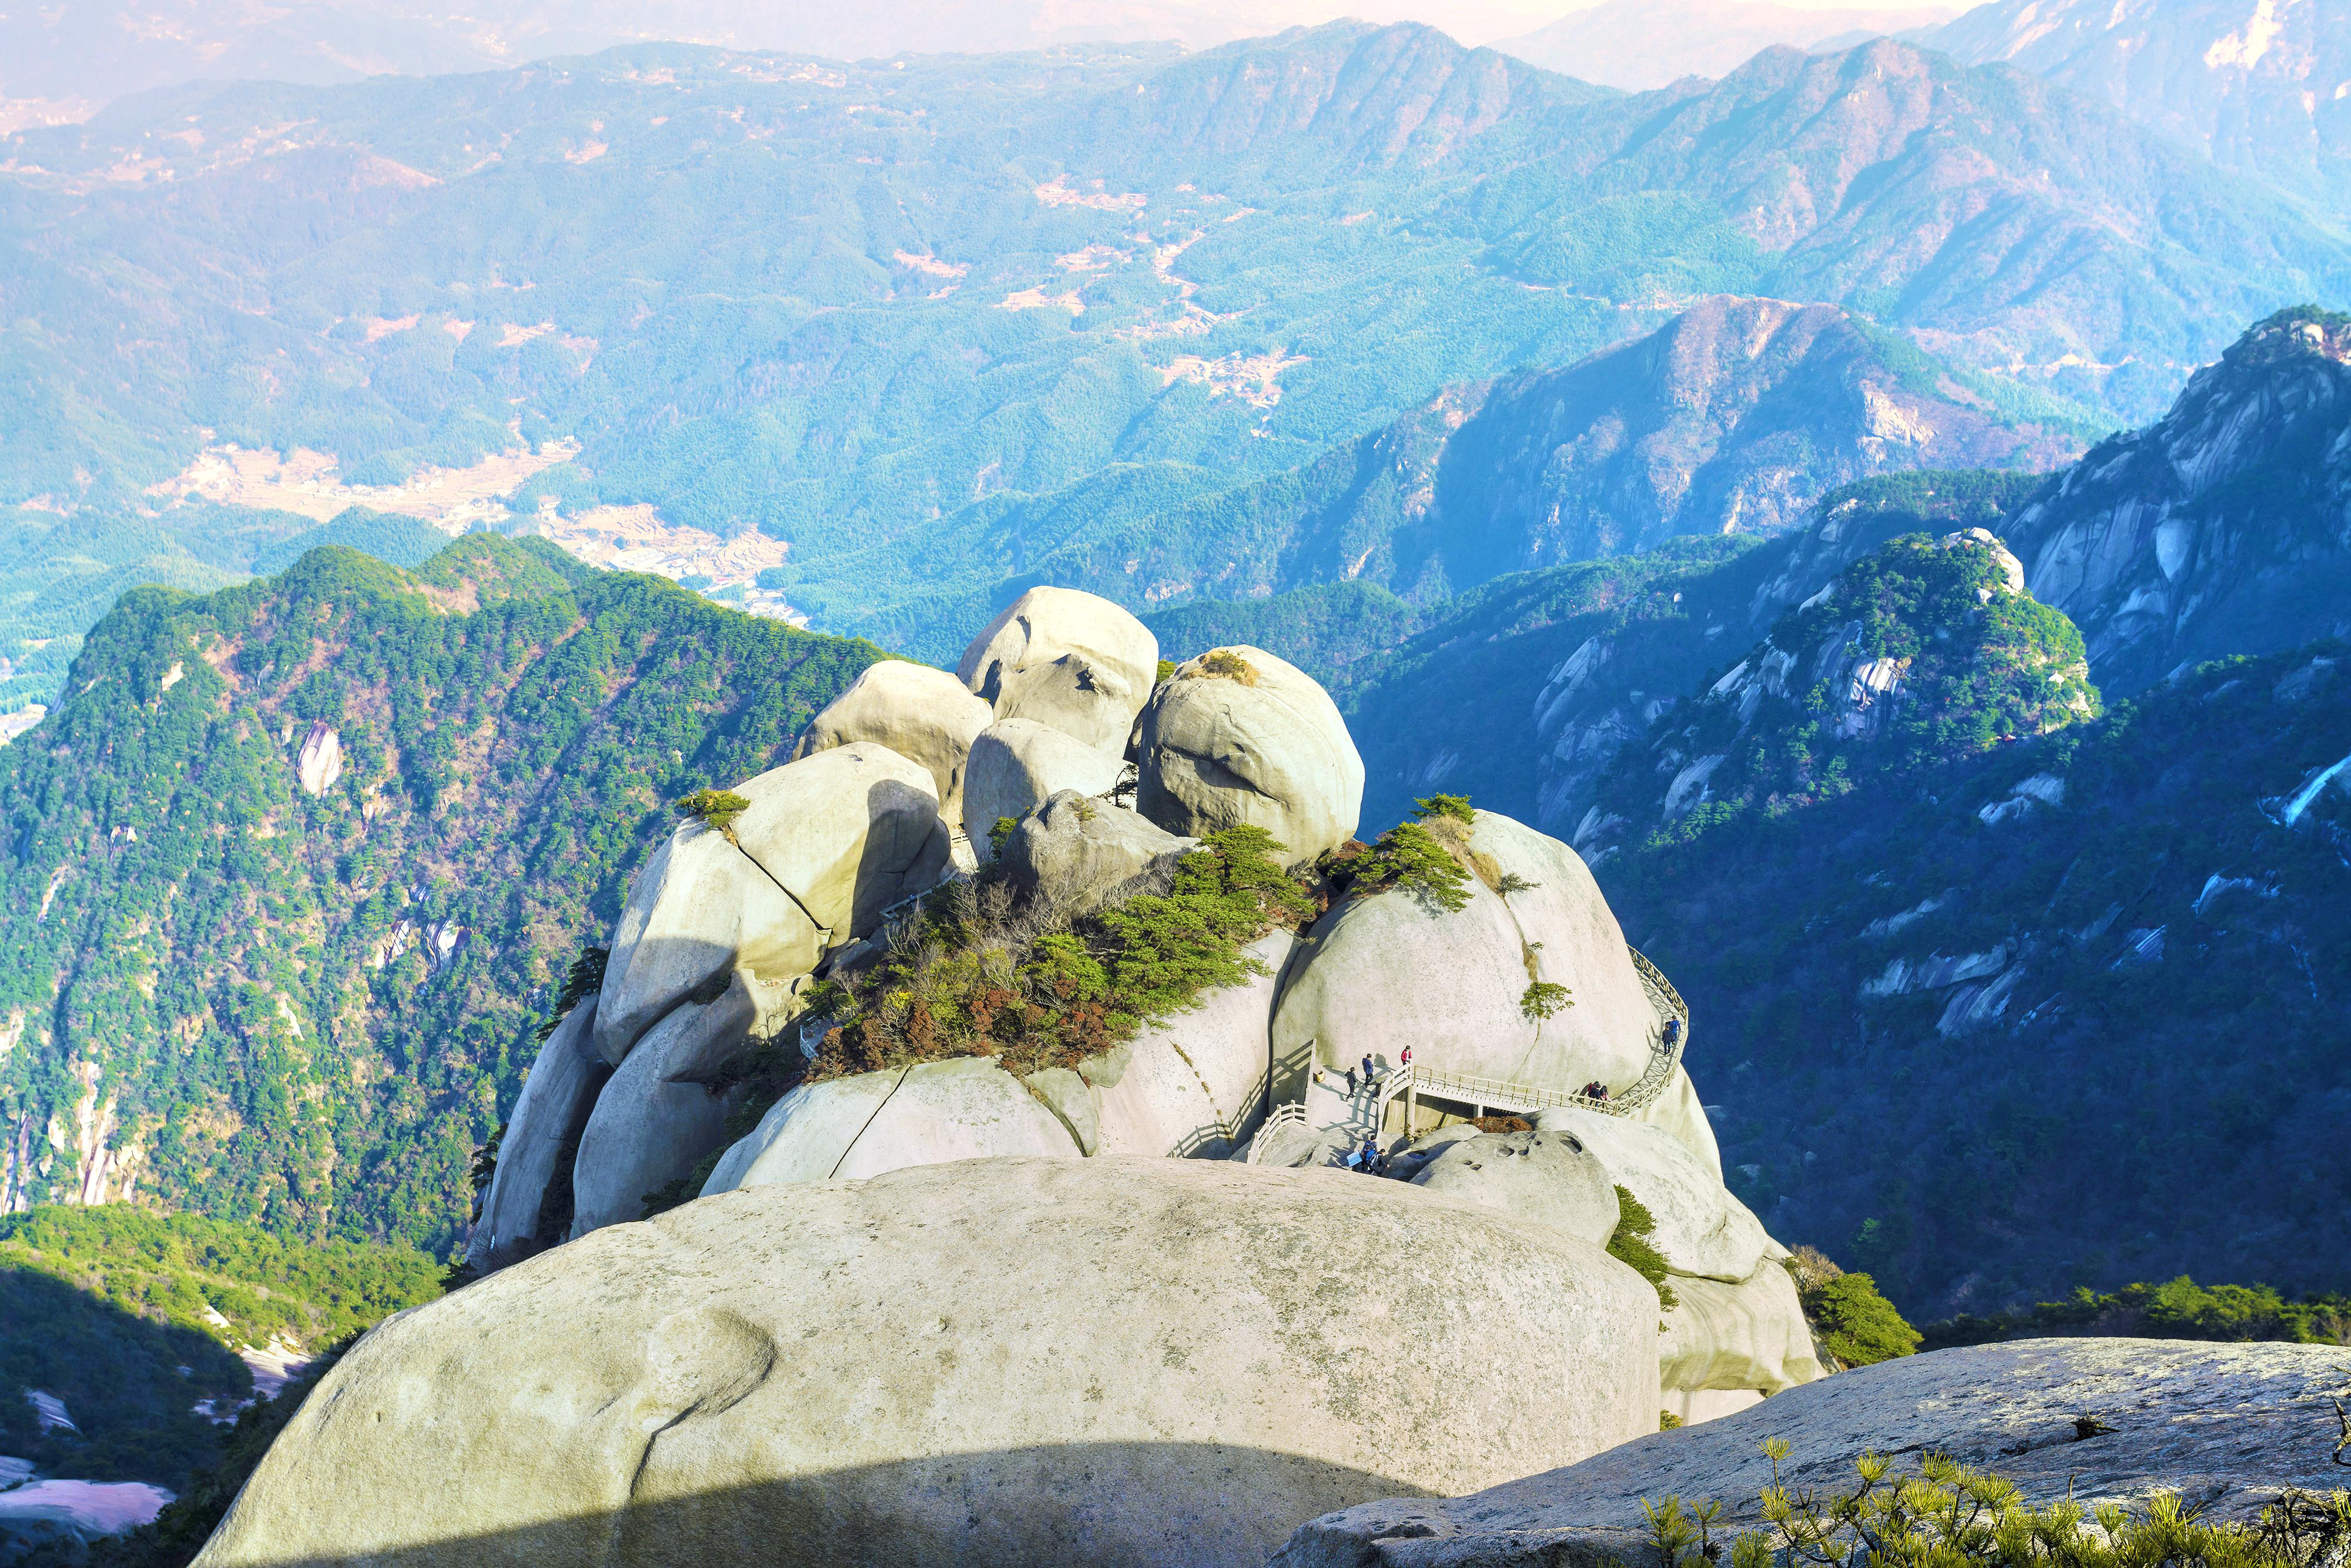 Hua Peak